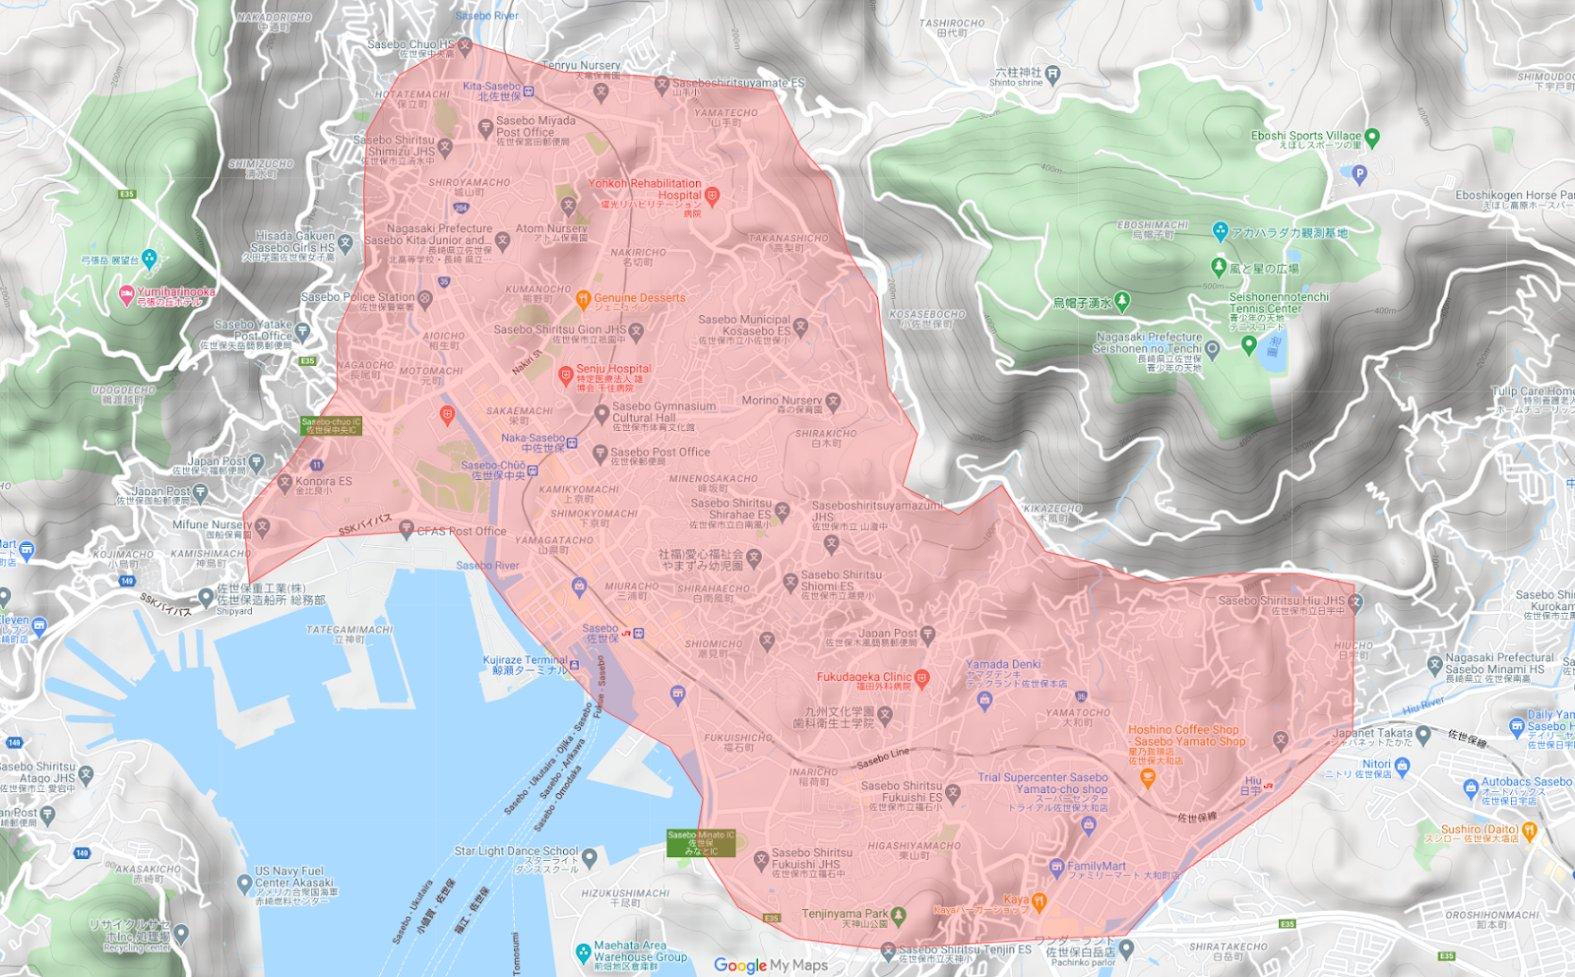 ウーバーイーツ佐世保エリア2021年の2月18日からのマップ・地図